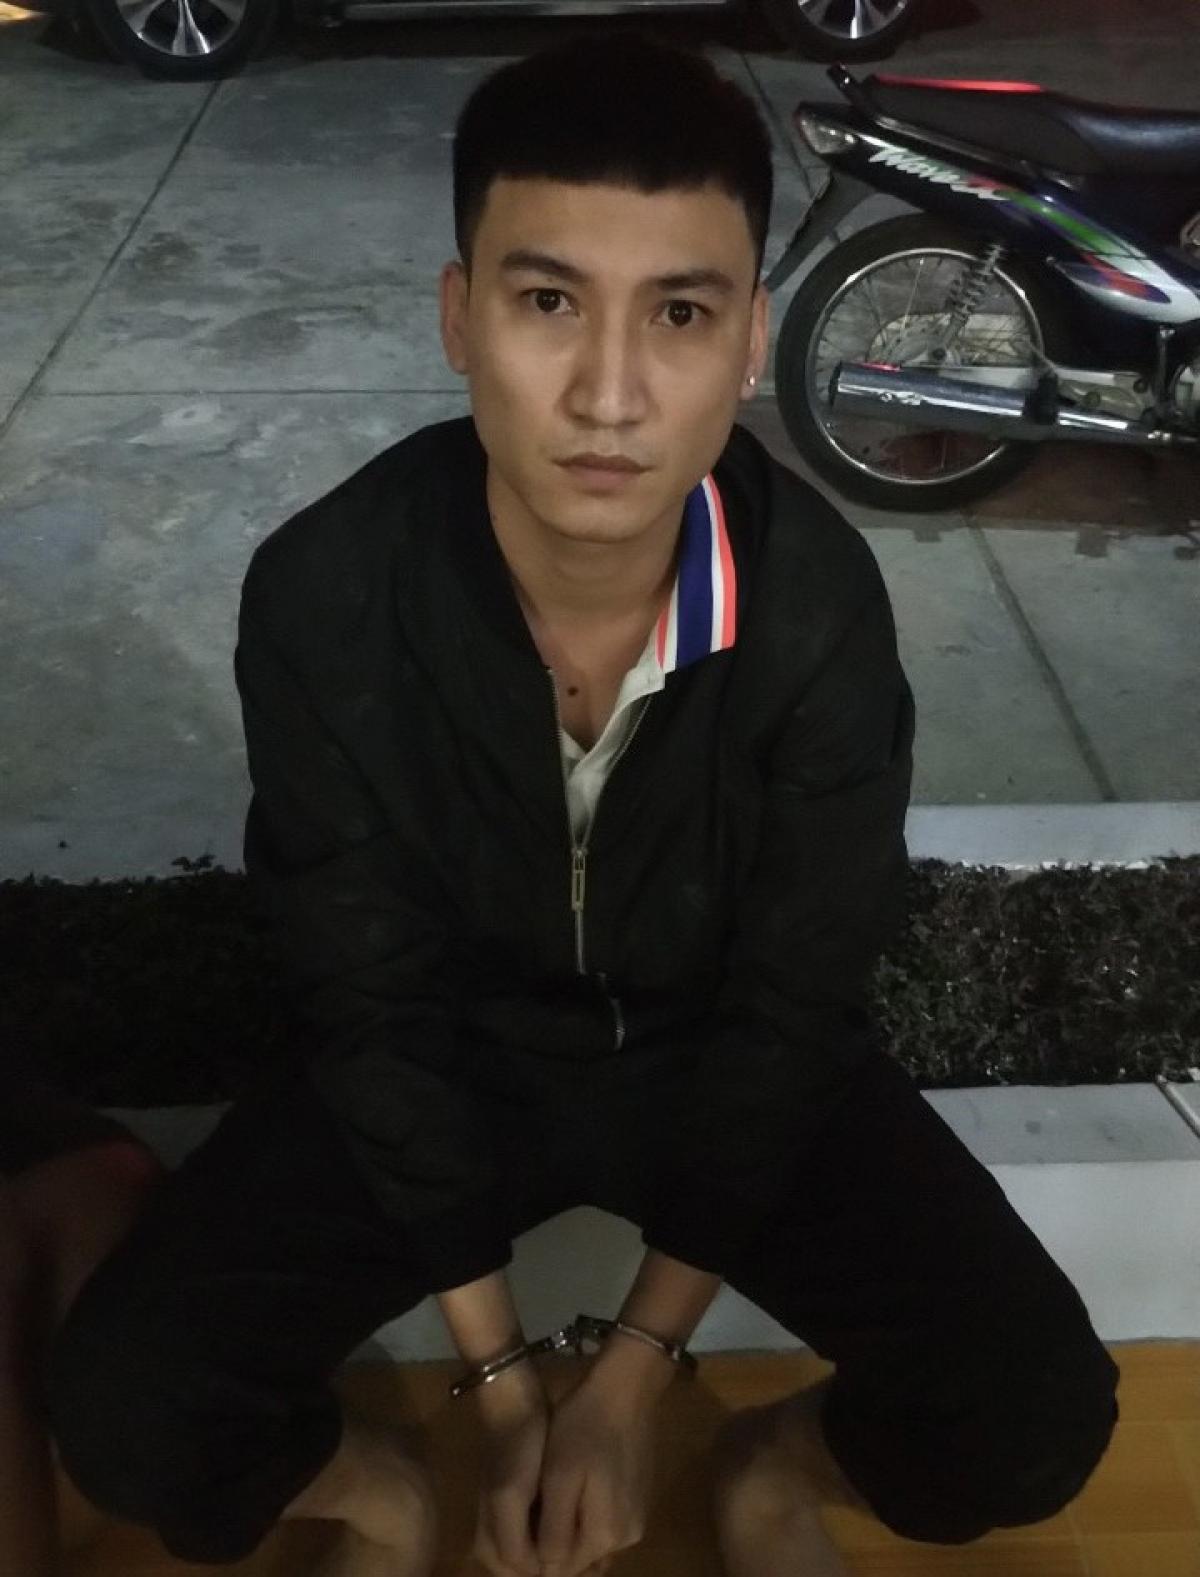 Ngô Xuân Quyền, con trai nguyên phó trưởng công an huyện Xuyên Mộc bị bắt về tội tổ chức đánh bạc